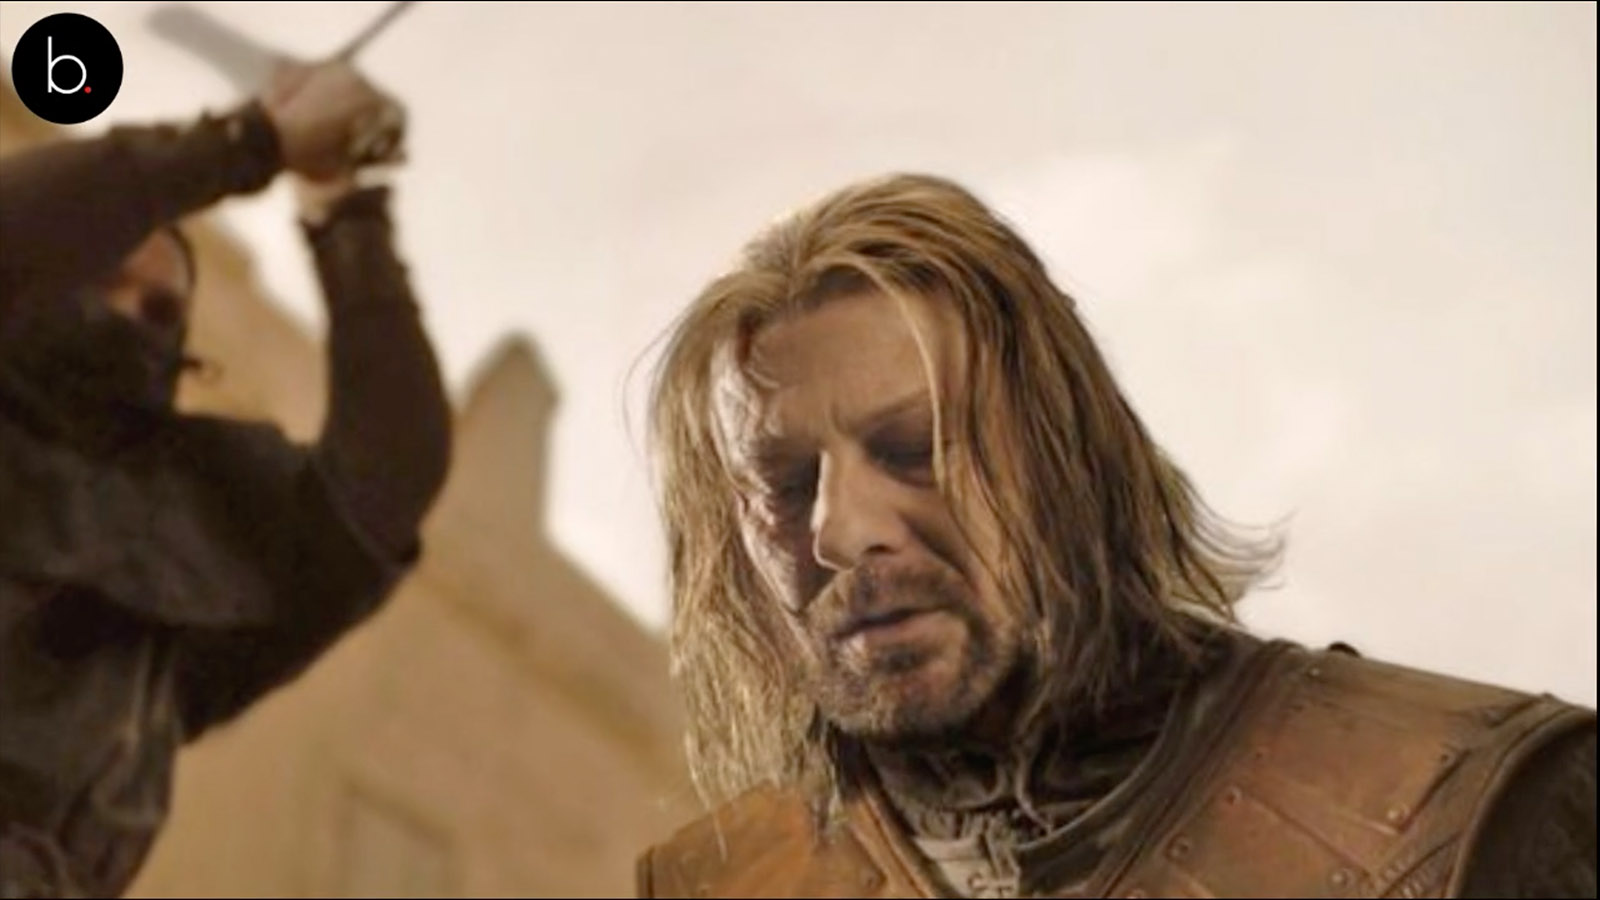 Game of Thrones : Les derniers mots de Ned Stark révélés !